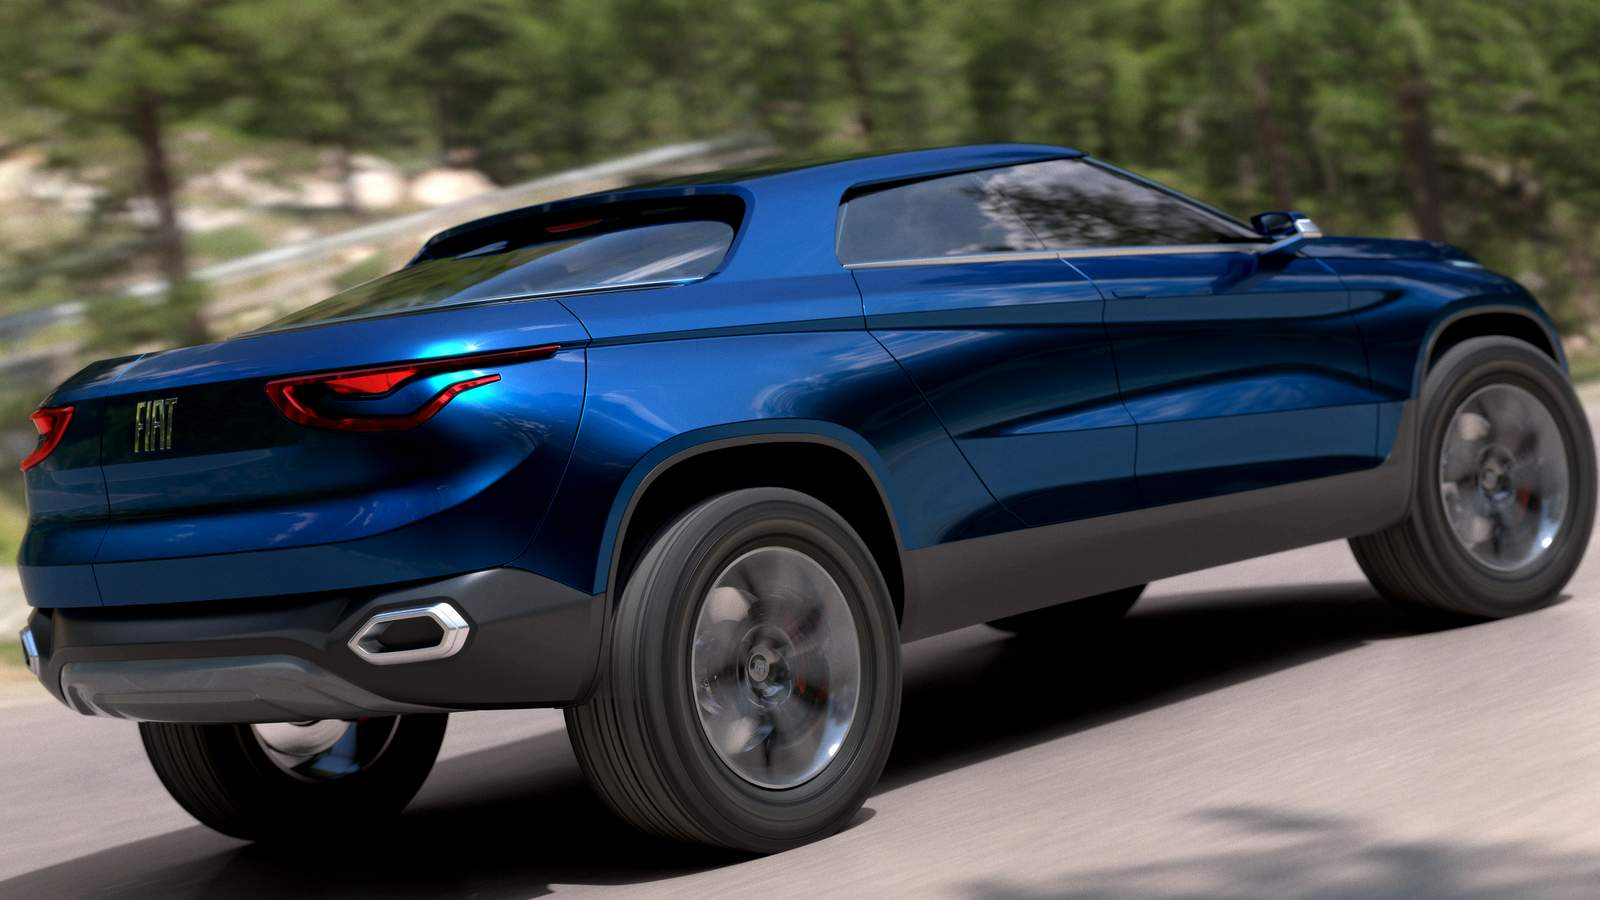 Nova picape média da Fiat - Stradão